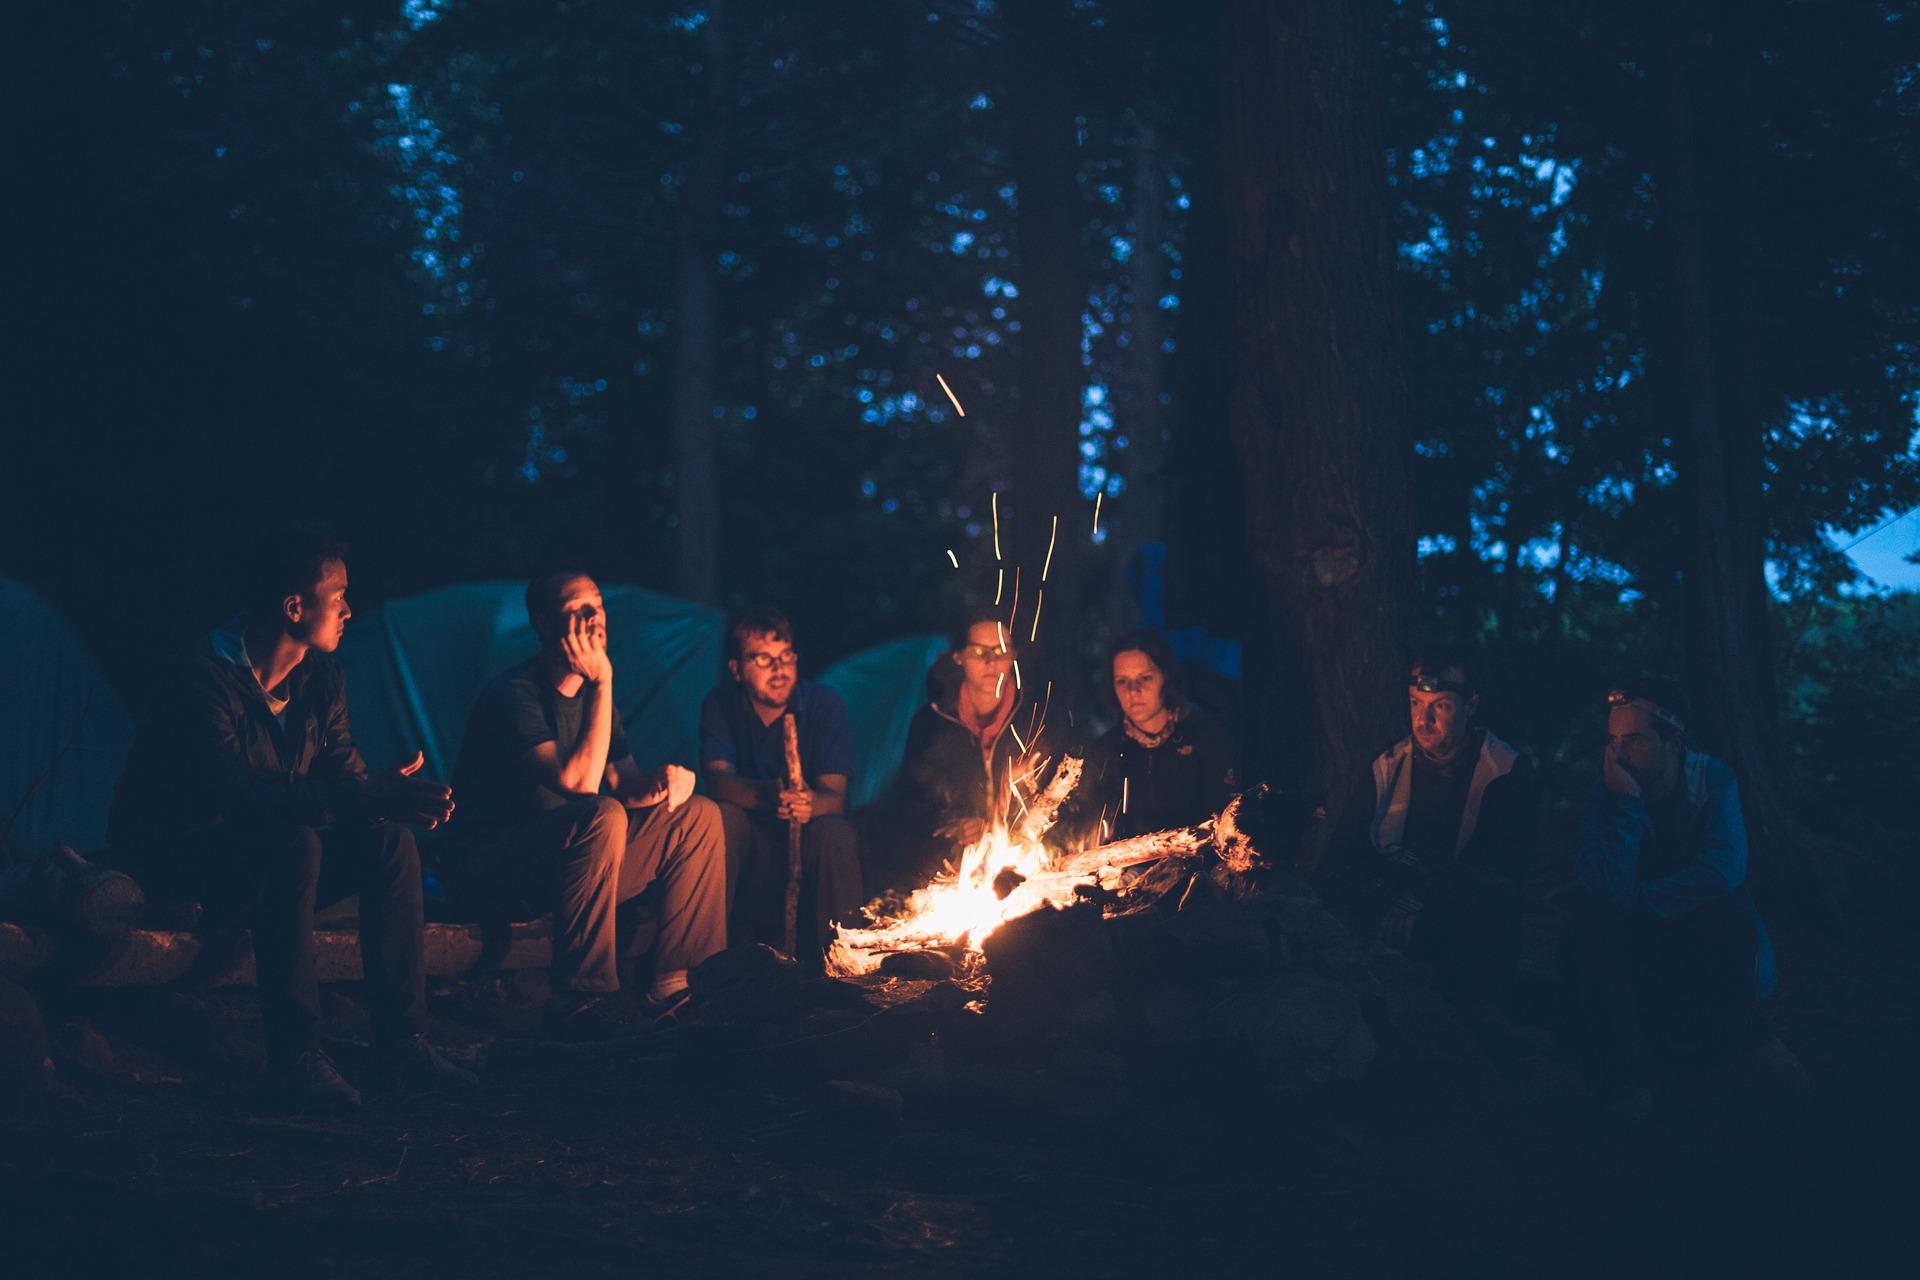 Jeunes gens au coin du feu qui écoutent de la musique